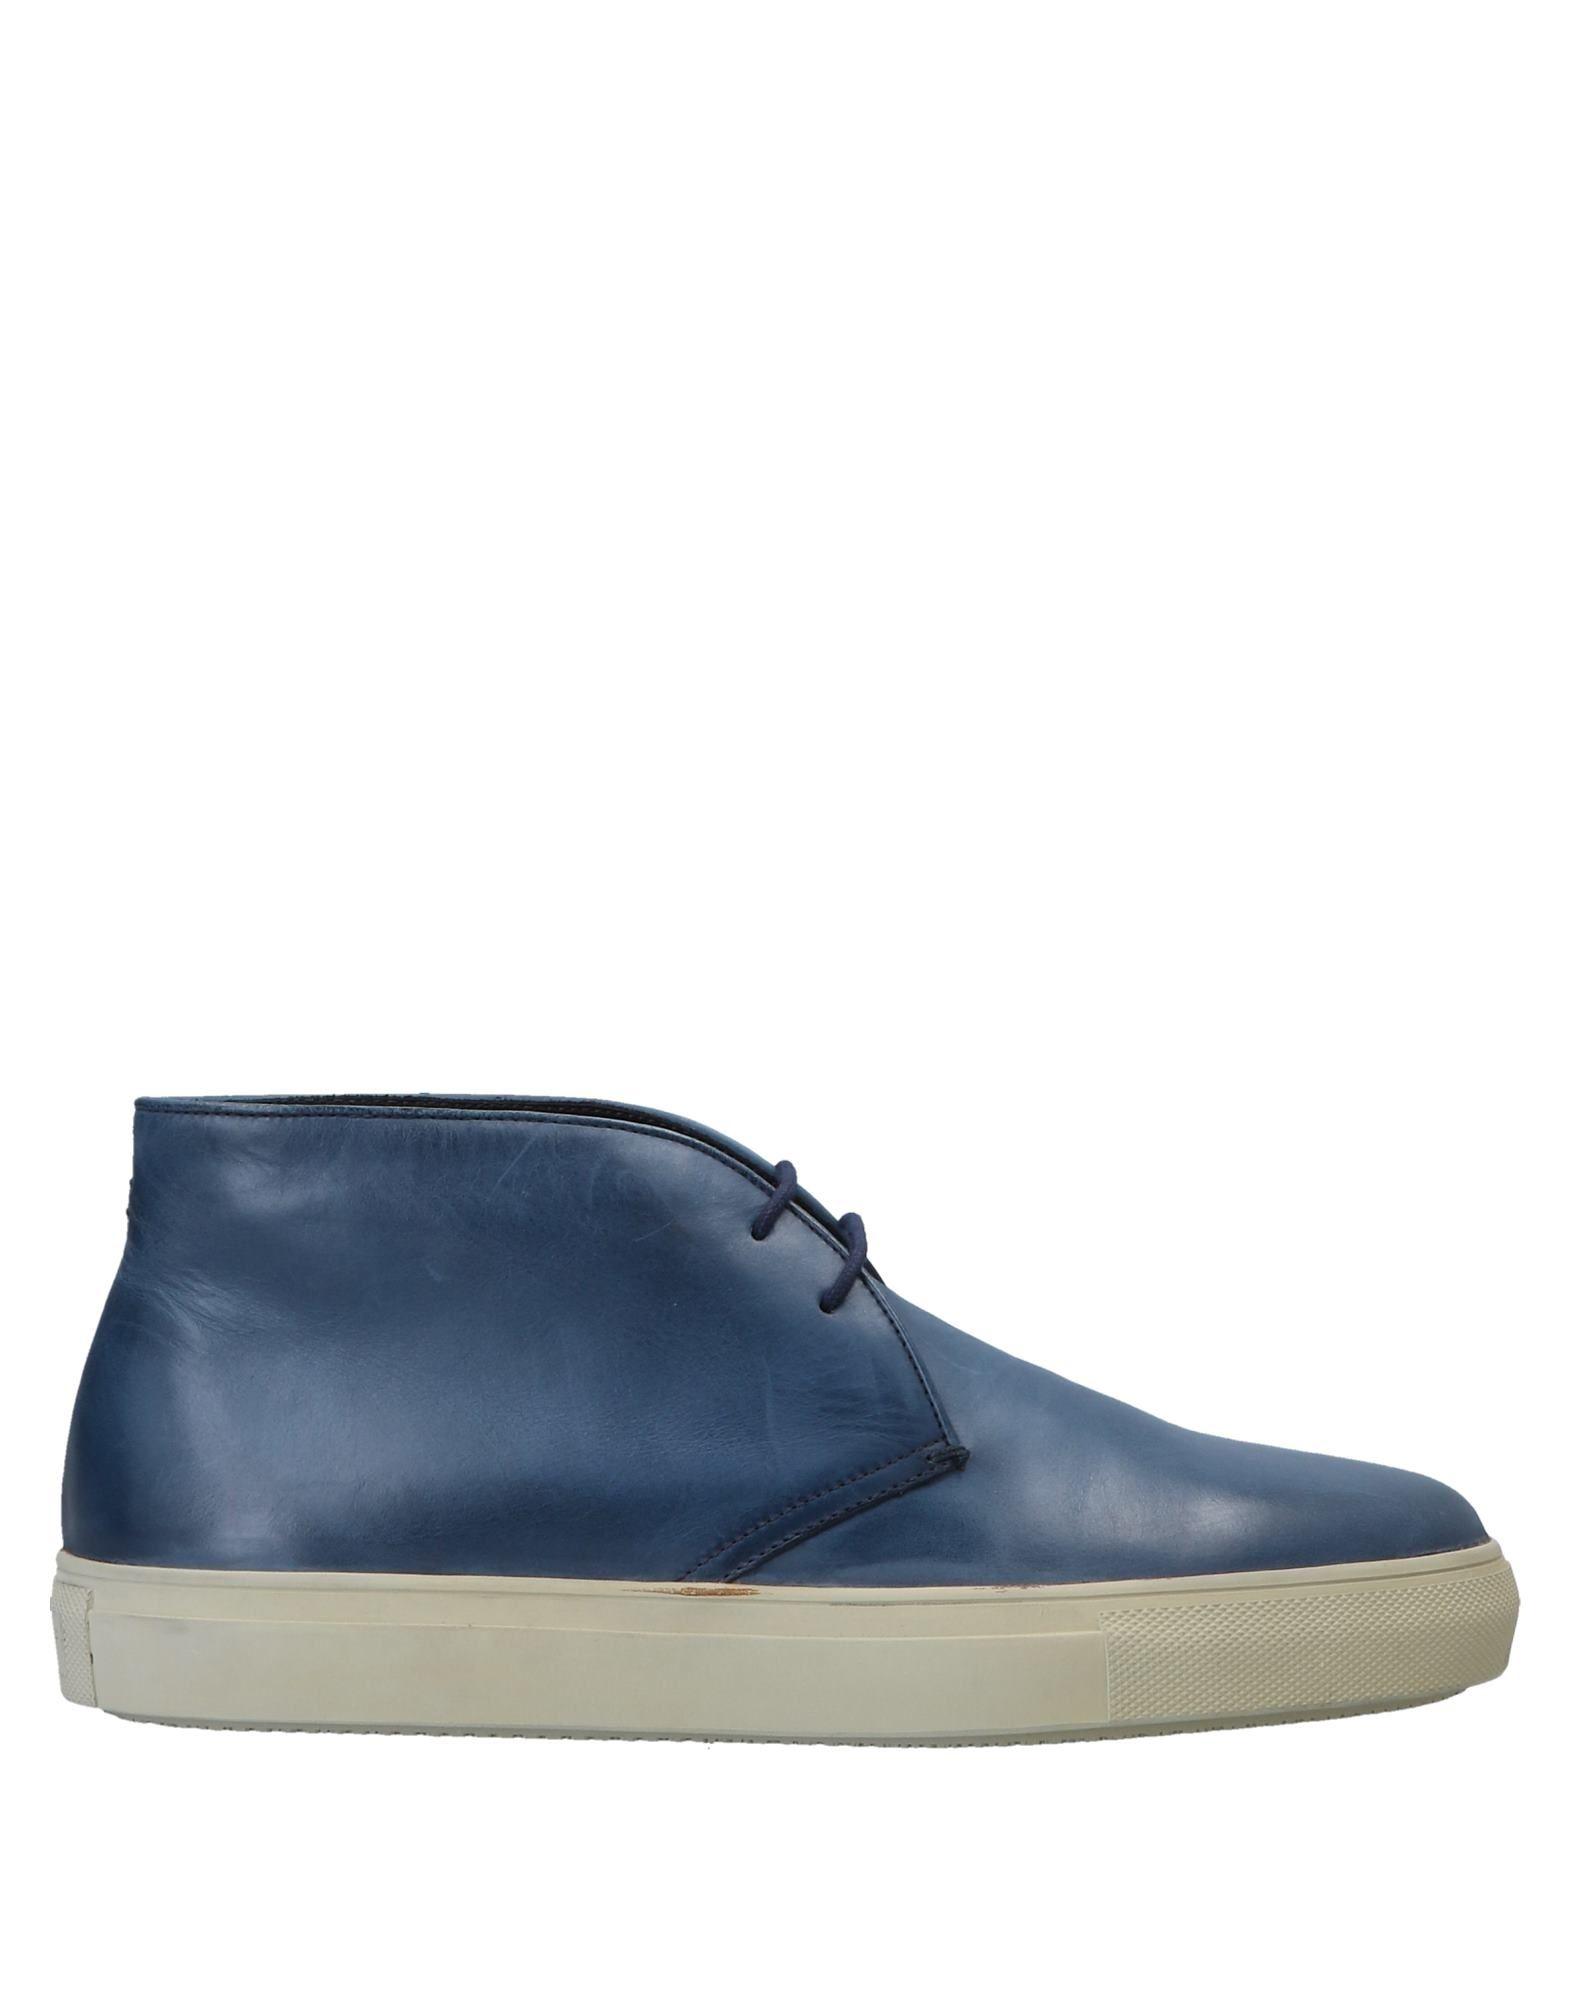 Fratelli Rossetti Stiefelette Herren  11550216DQ Gute Qualität beliebte Schuhe